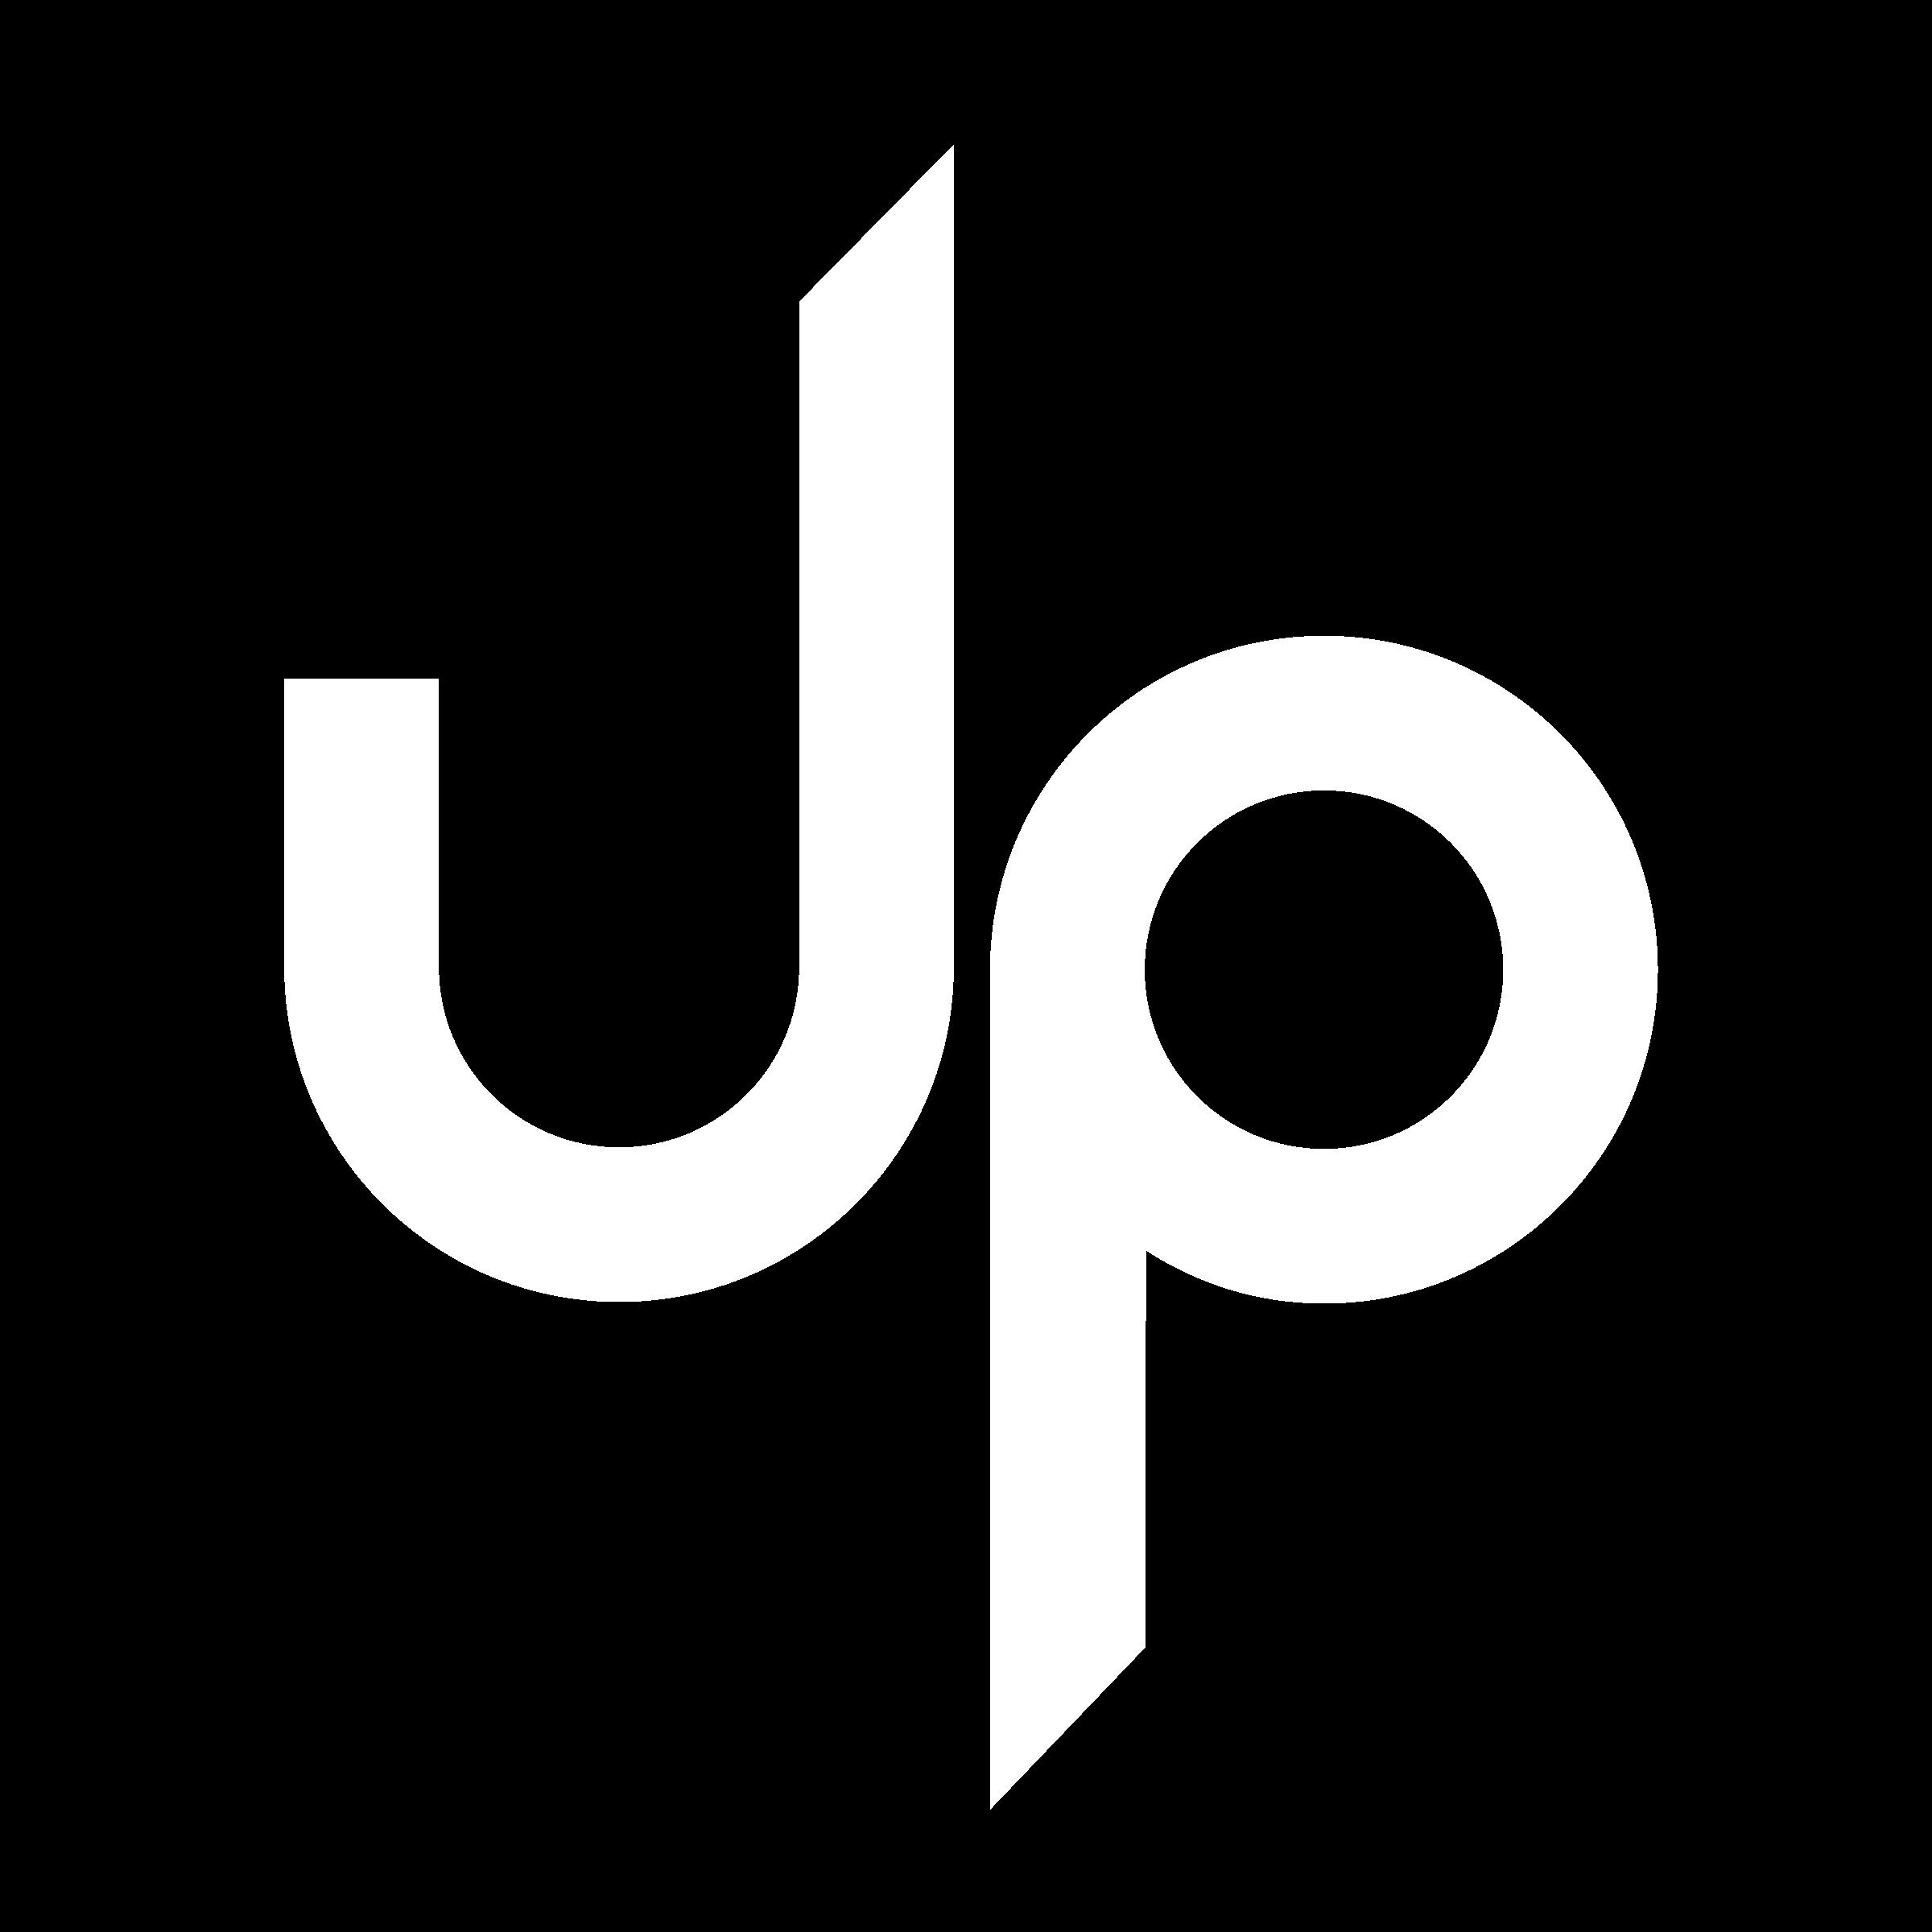 UP Logo PNG Transparent & SVG Vector - Freebie Supply